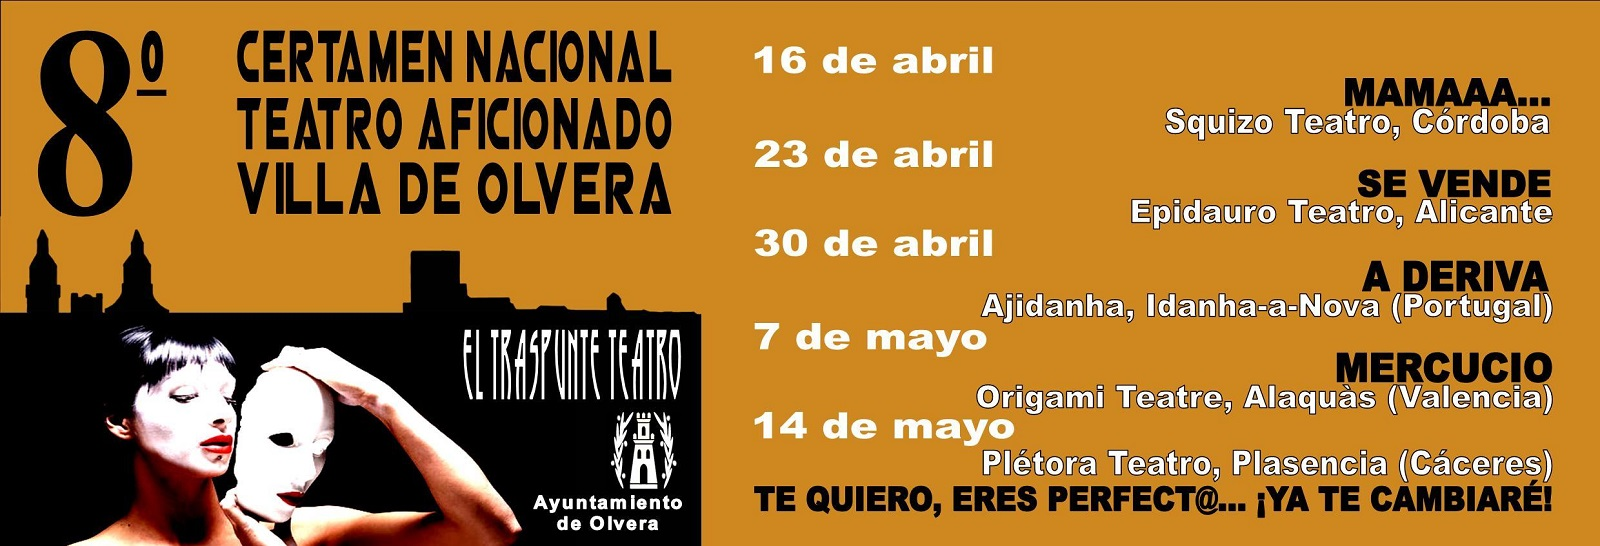 8º Certamen Nacional Teatro Aficionado Villa de Olvera